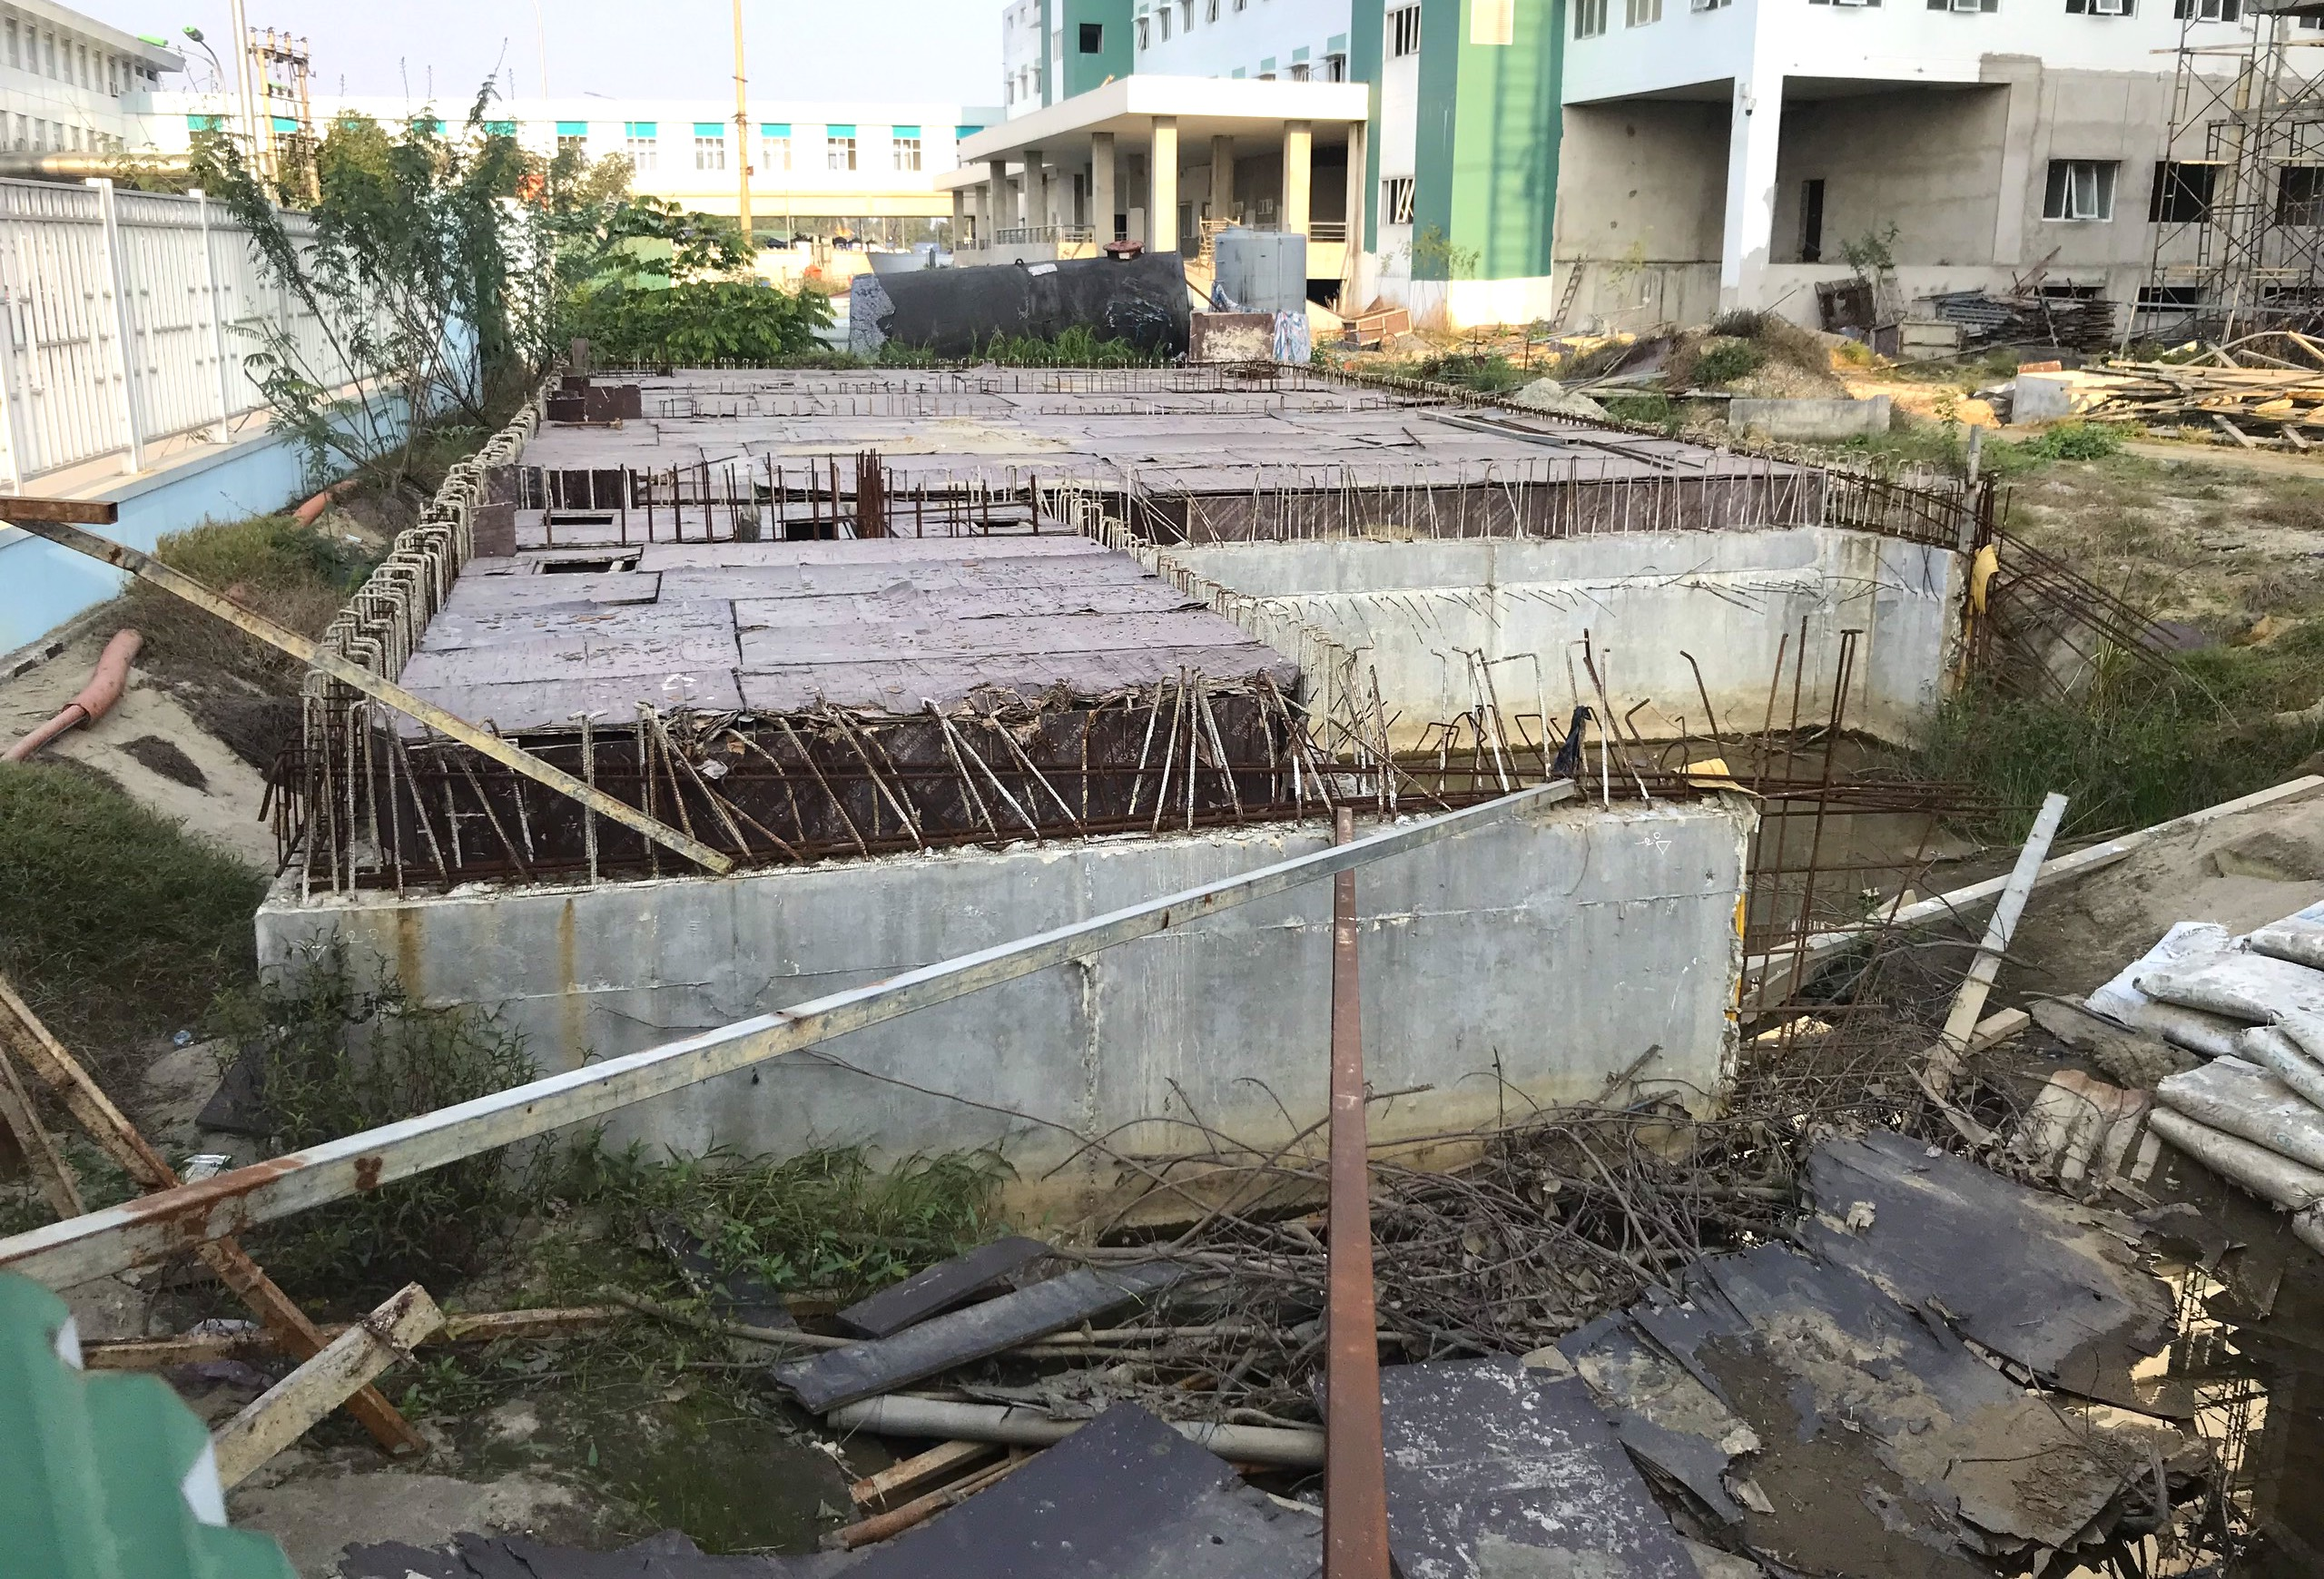 Cảnh nhếch nhác, cỏ mọc um tùm trong dự án bệnh viện nghìn tỷ lớn nhất Bắc Trung Bộ - Ảnh 9.